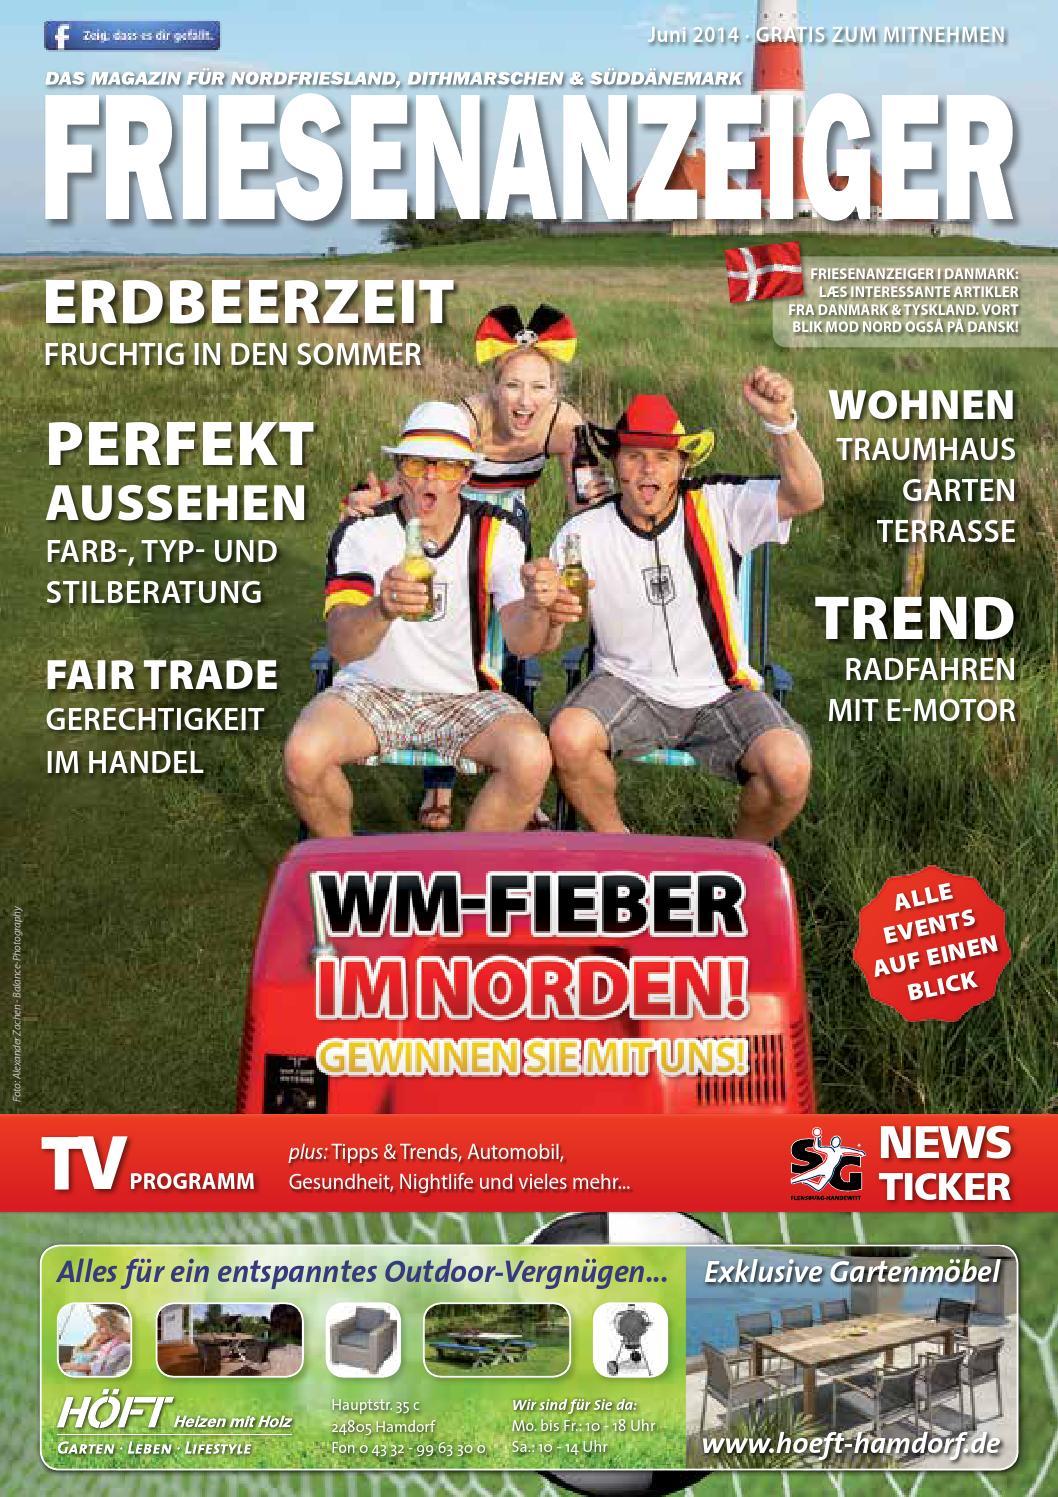 Friesenanzeiger Juni 2015 by new media works - issuu